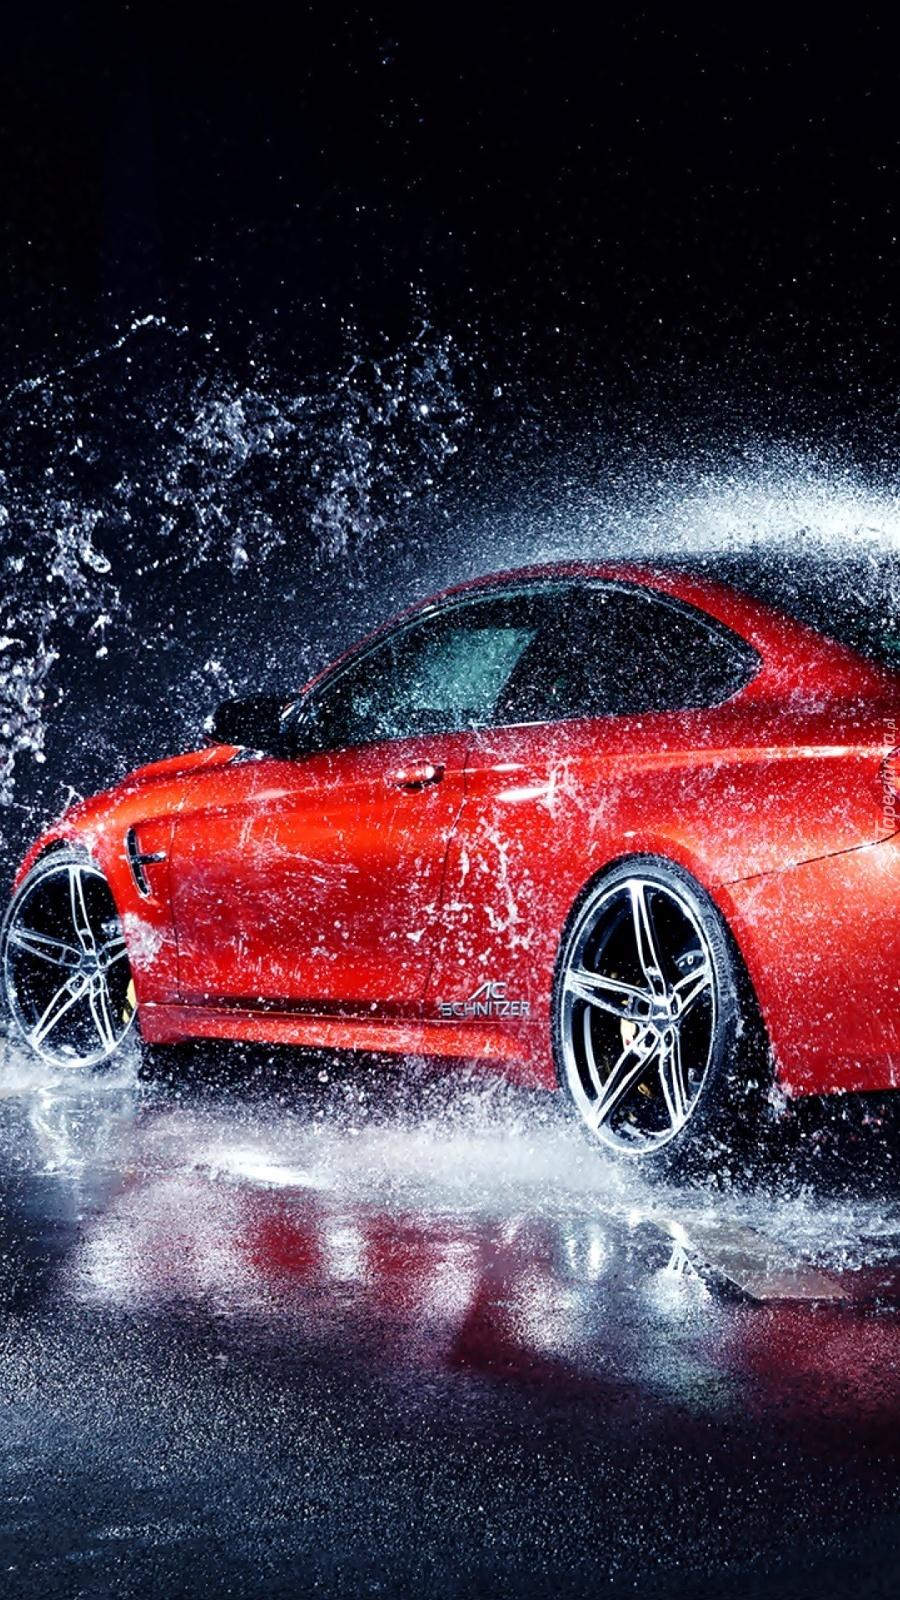 BMW rozbryzguje wodę